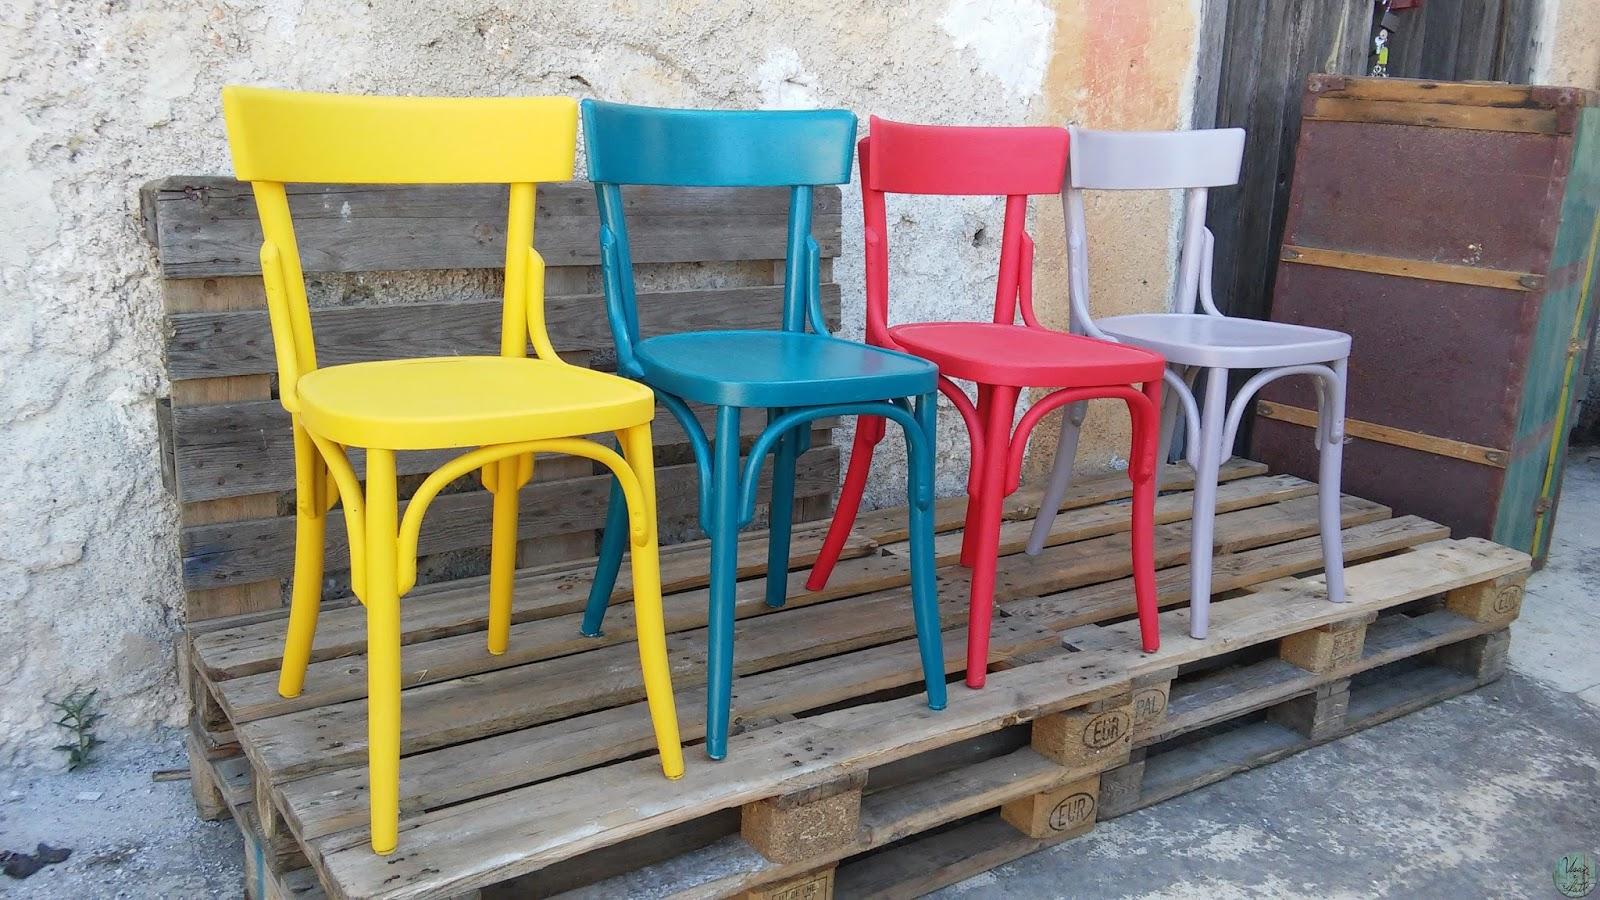 Sedie Vintage Colorate : Riciclo creativo idee creative diy usati e rifatti